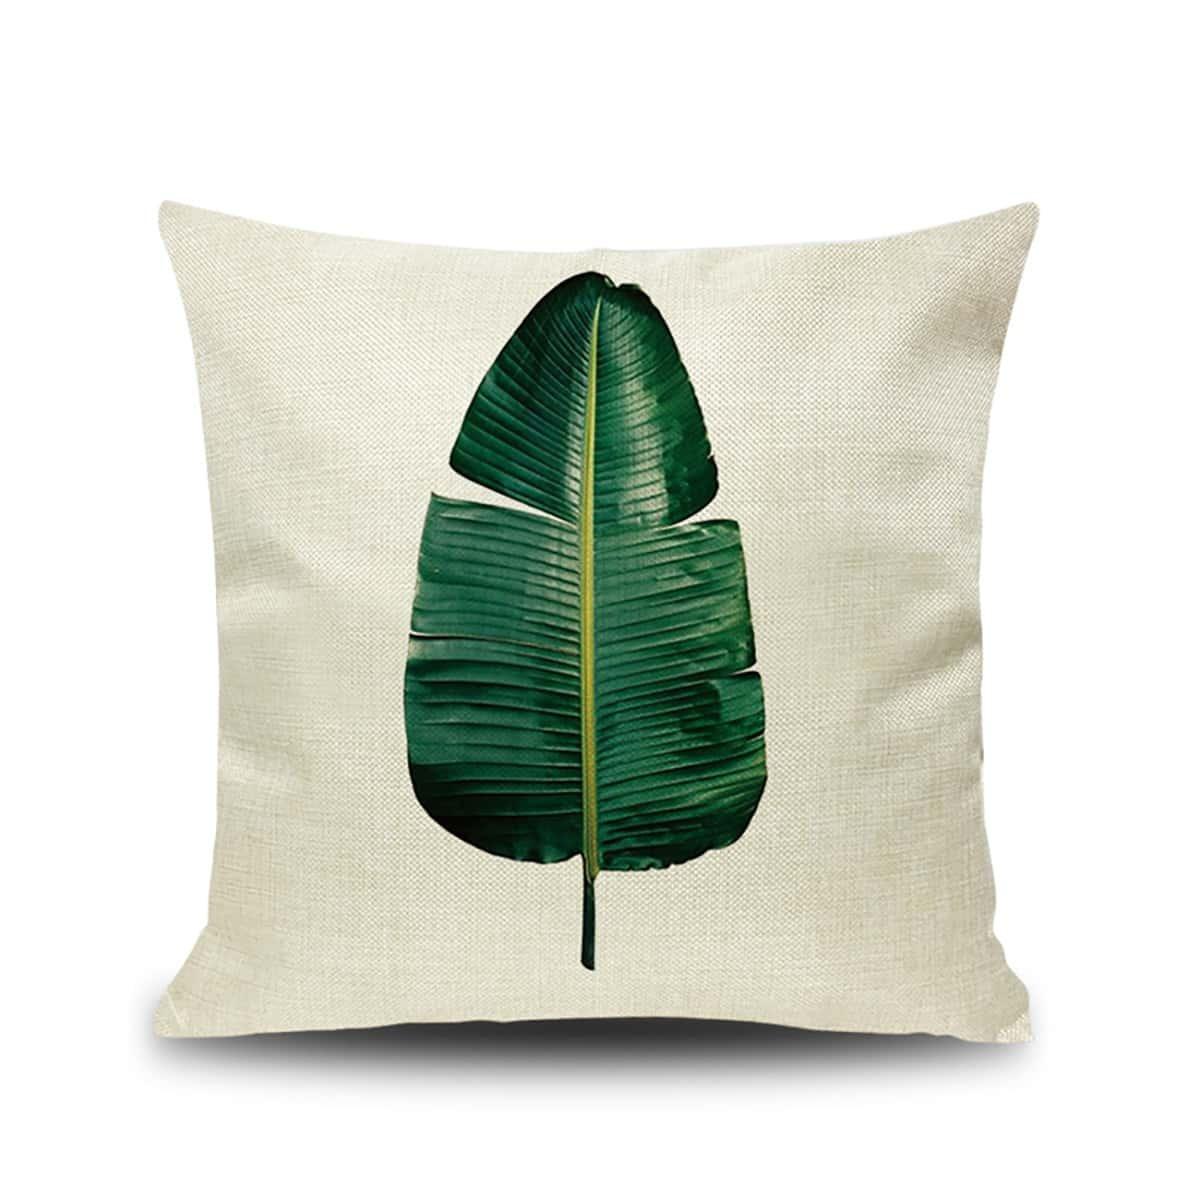 Leaf Print Kussenhoes